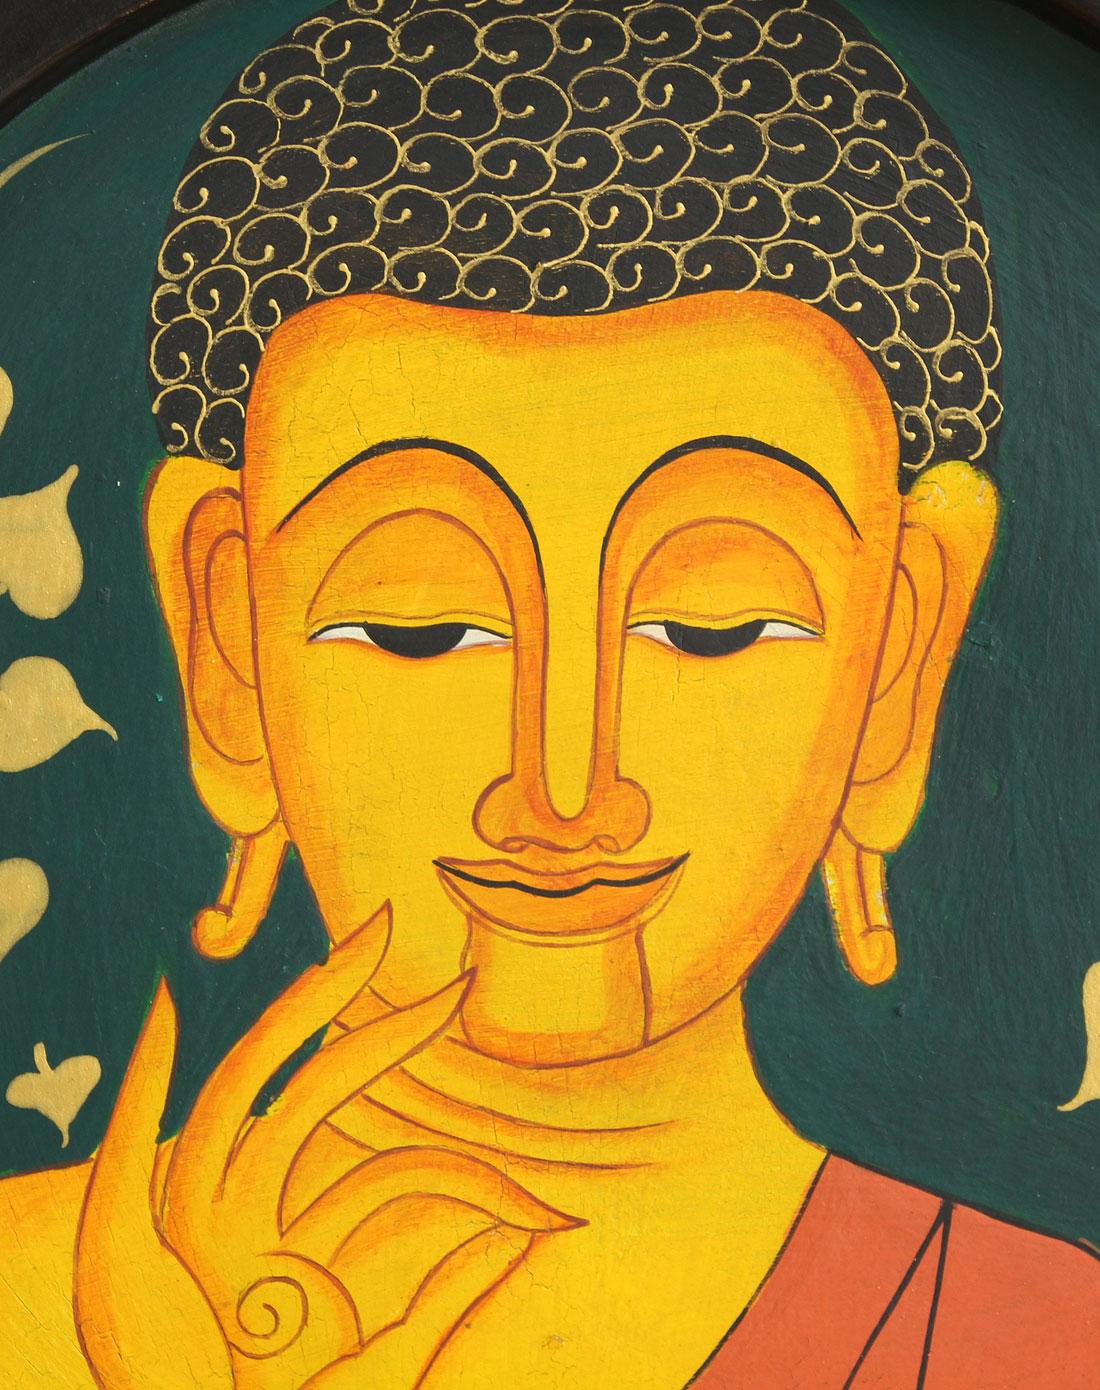 泰国天然柚木手绘墙壁挂件-拈花佛面佛盘(绿色)